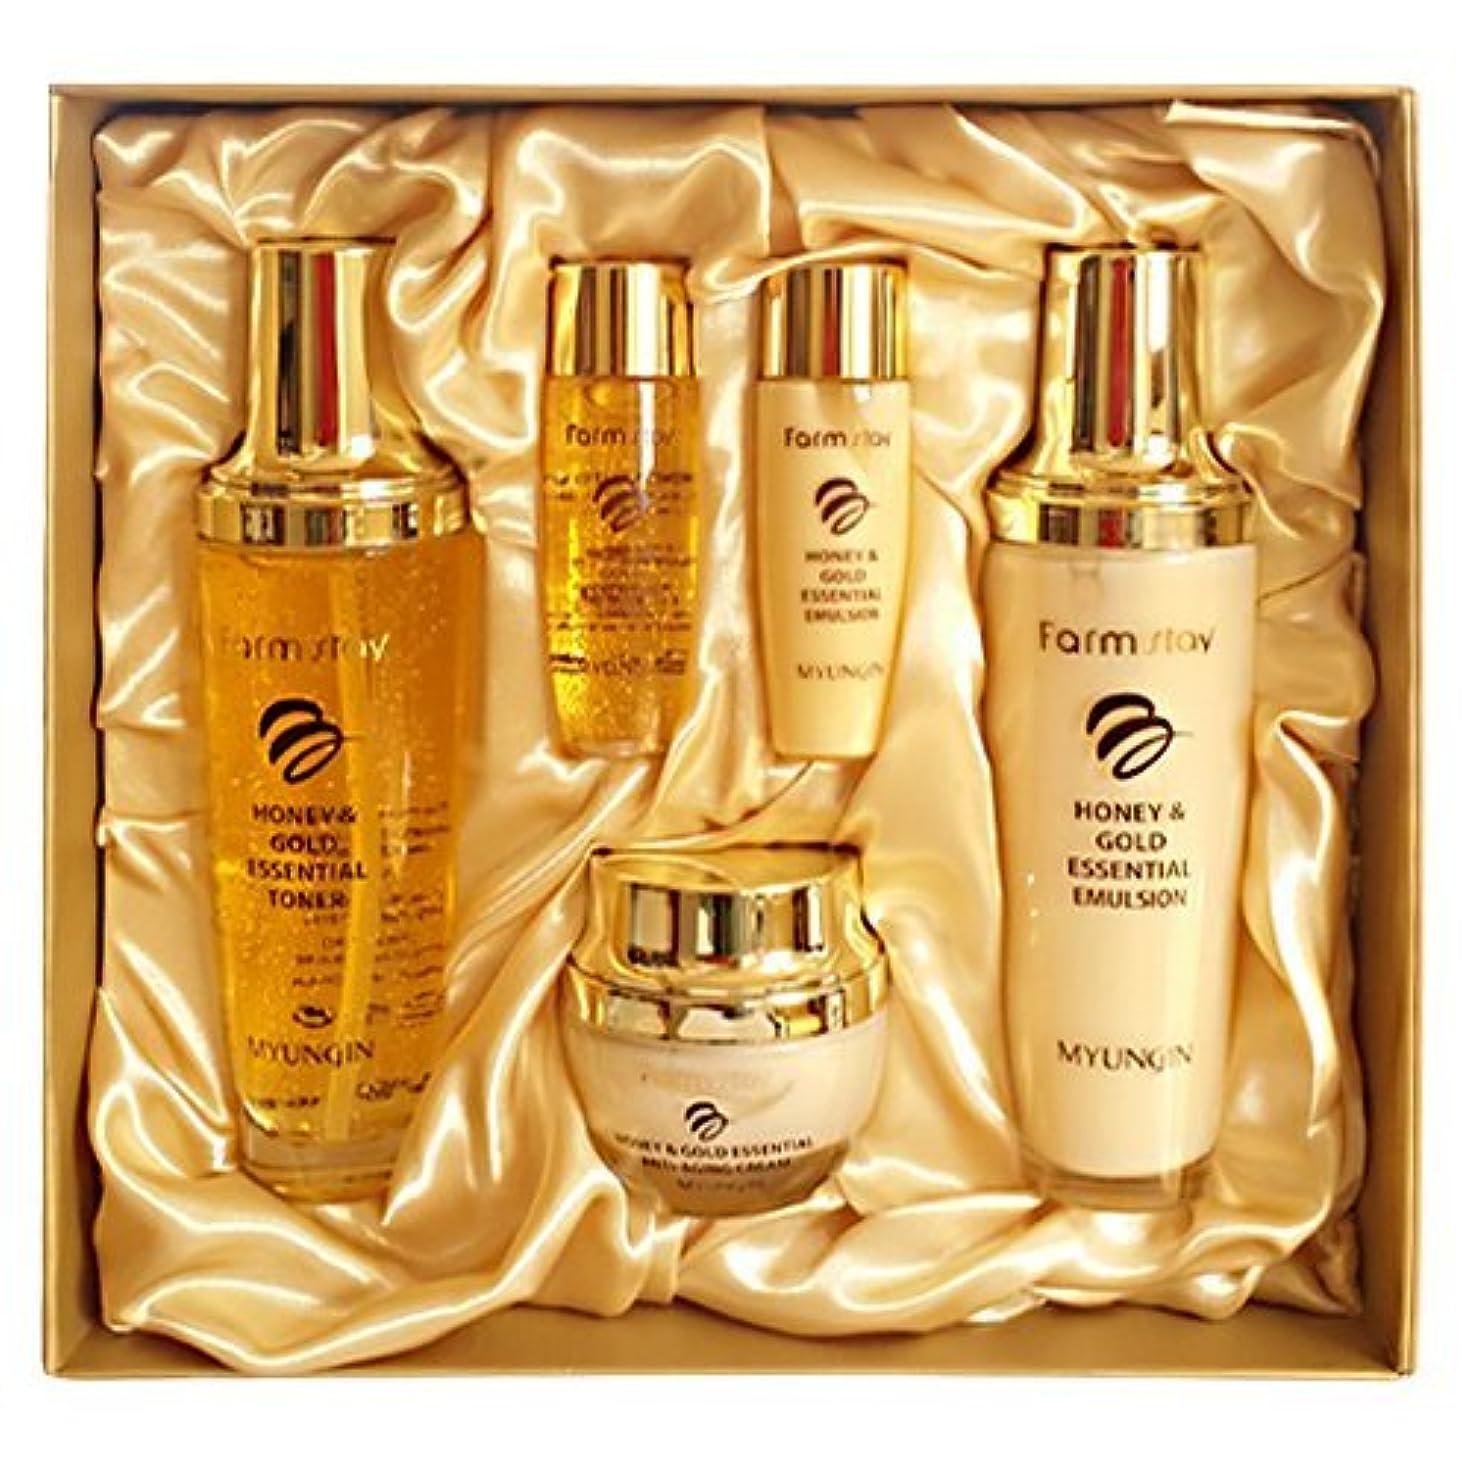 祭司サラミ猫背ファームステイ[韓国コスメFarm Stay]Honey & Gold Essential Skin Care 3set ハニーゴールドエッセンシャルスキンケア3セット [並行輸入品]